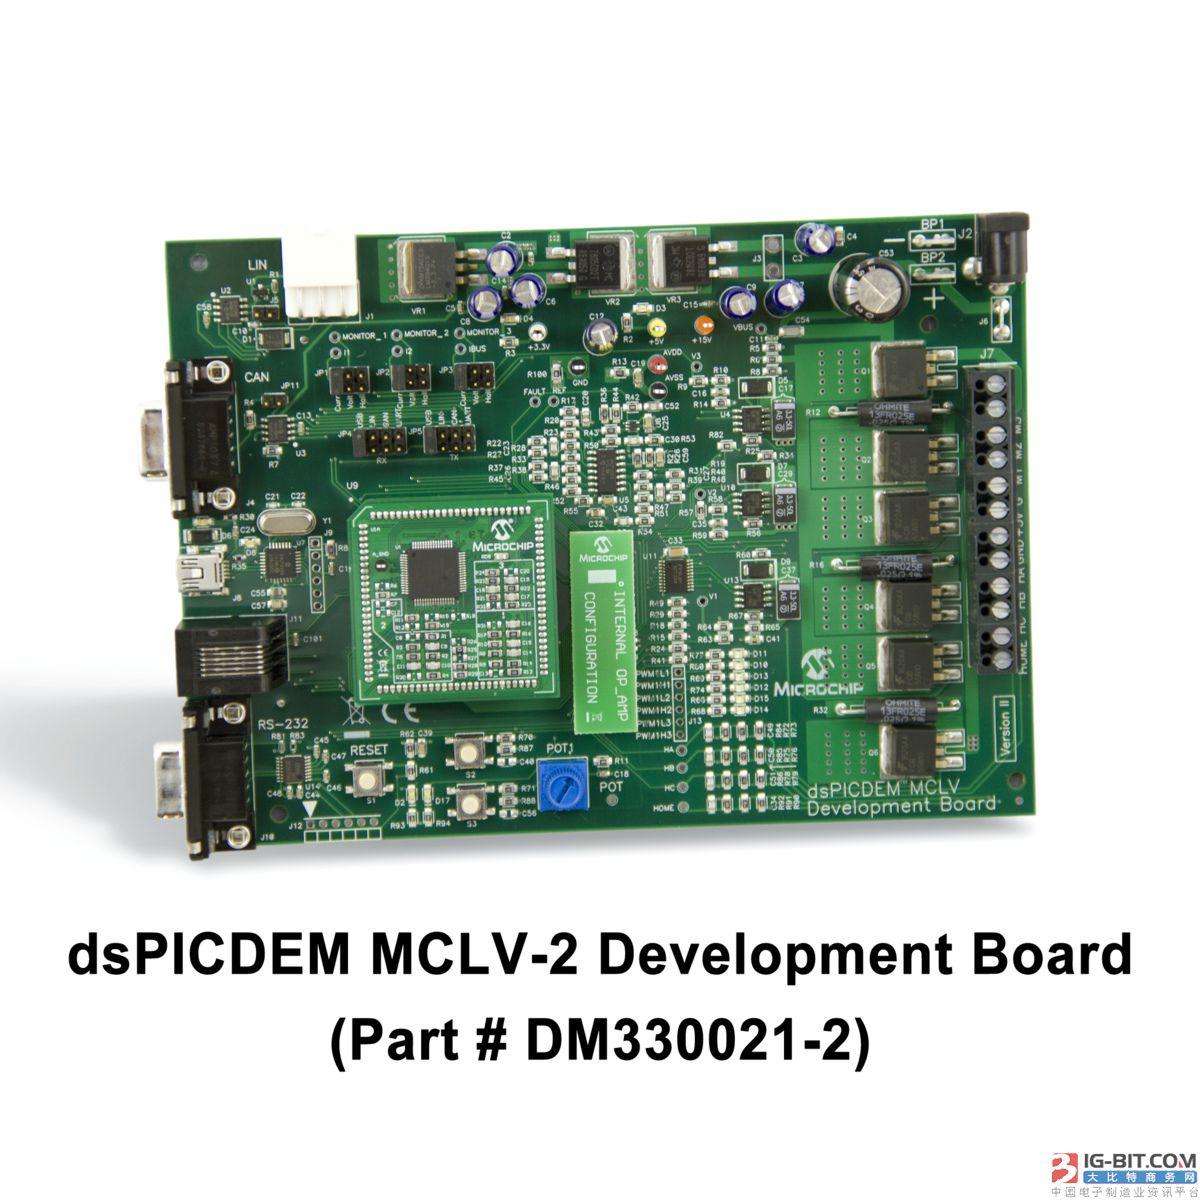 全新Microchip高级电机控制工具问世,拥有自动调整和调试功能